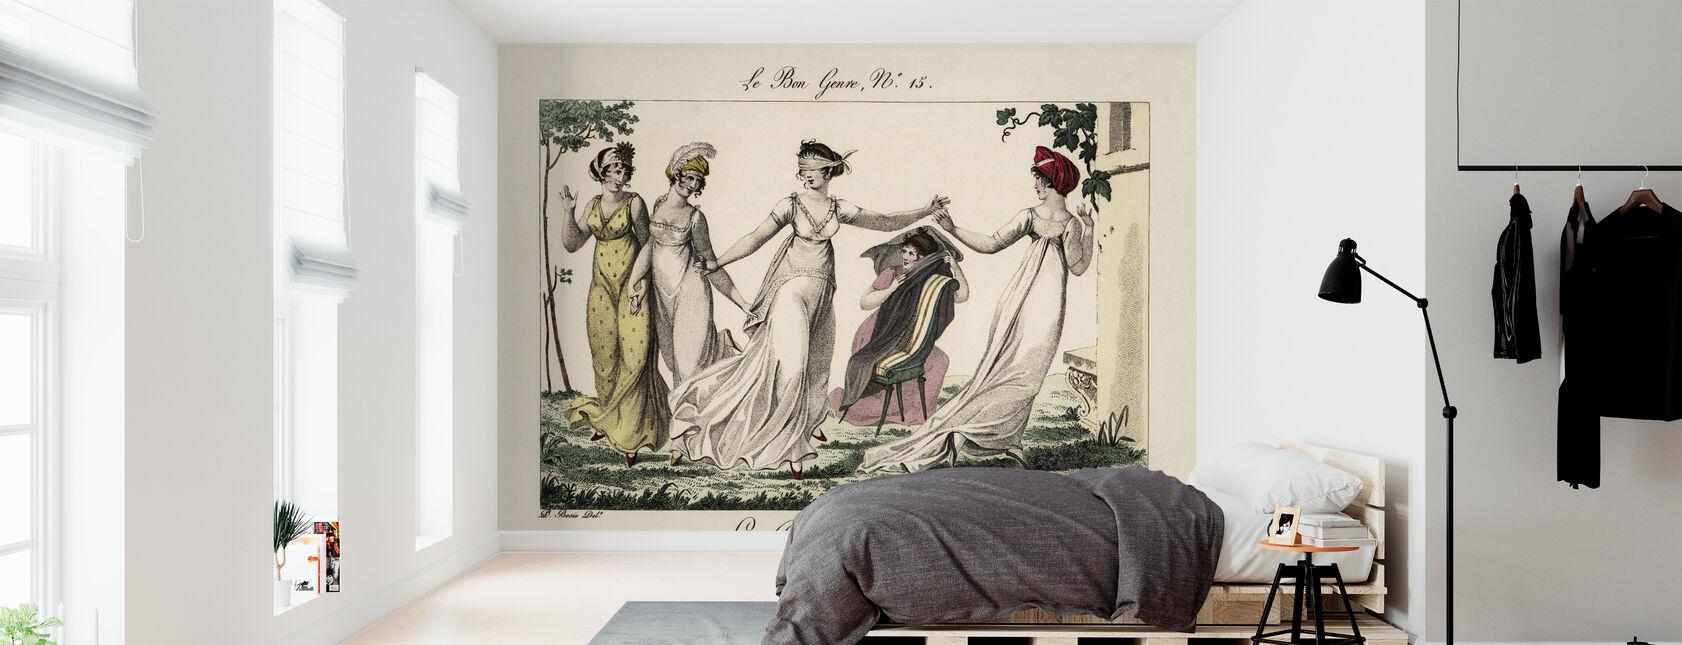 Blindman Buff - Wallpaper - Bedroom